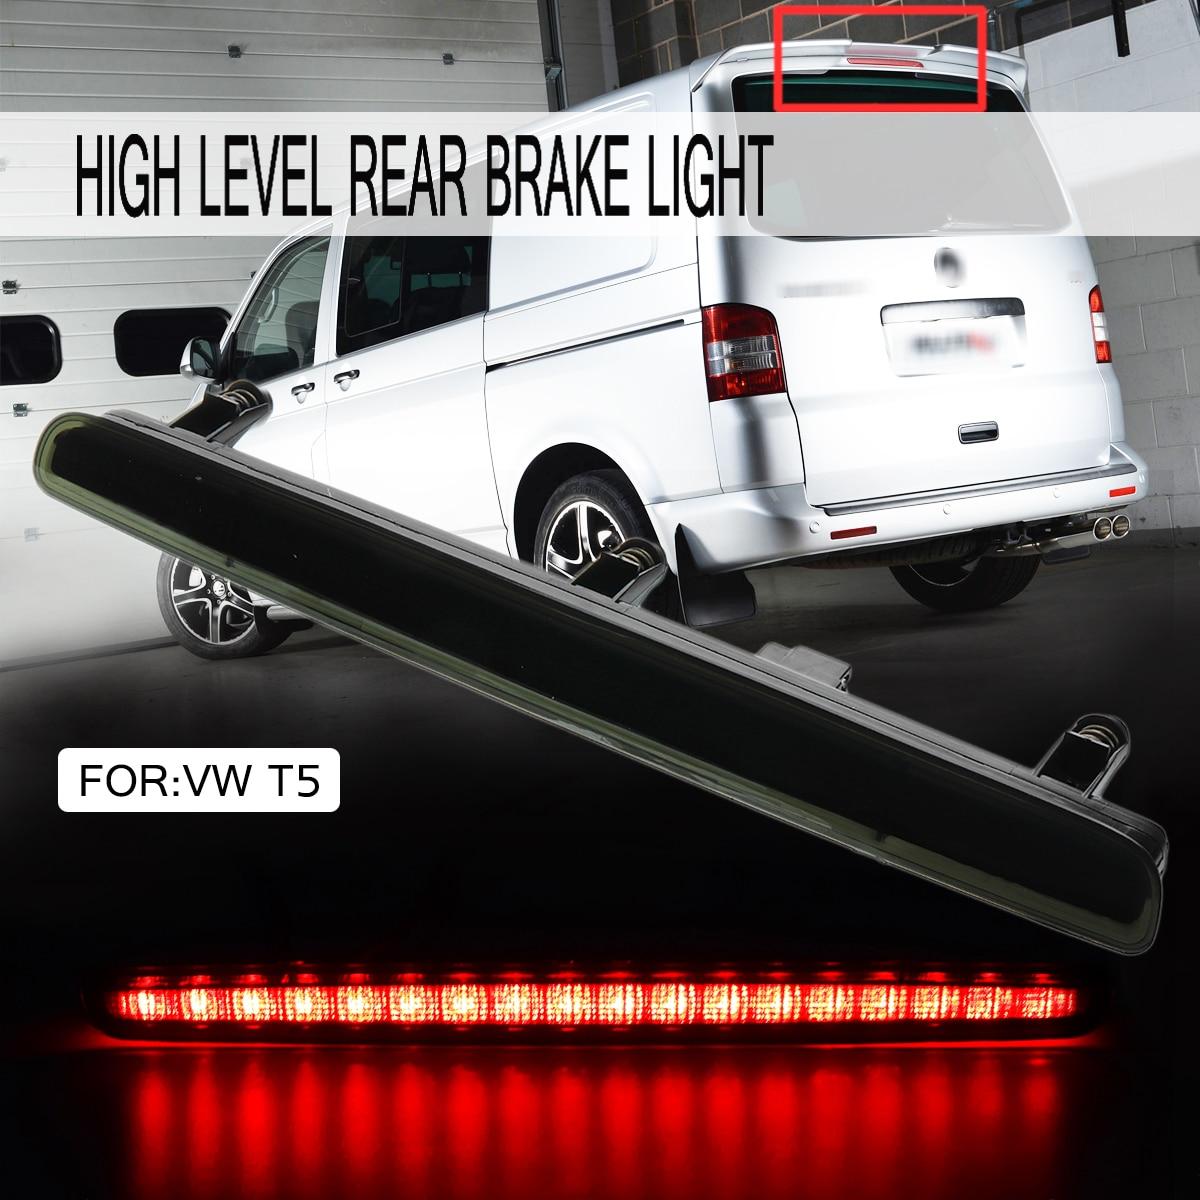 Rear LED High Level Brake Stop Light Lamp Fits VW T5 Transporter Caravelle 03-15